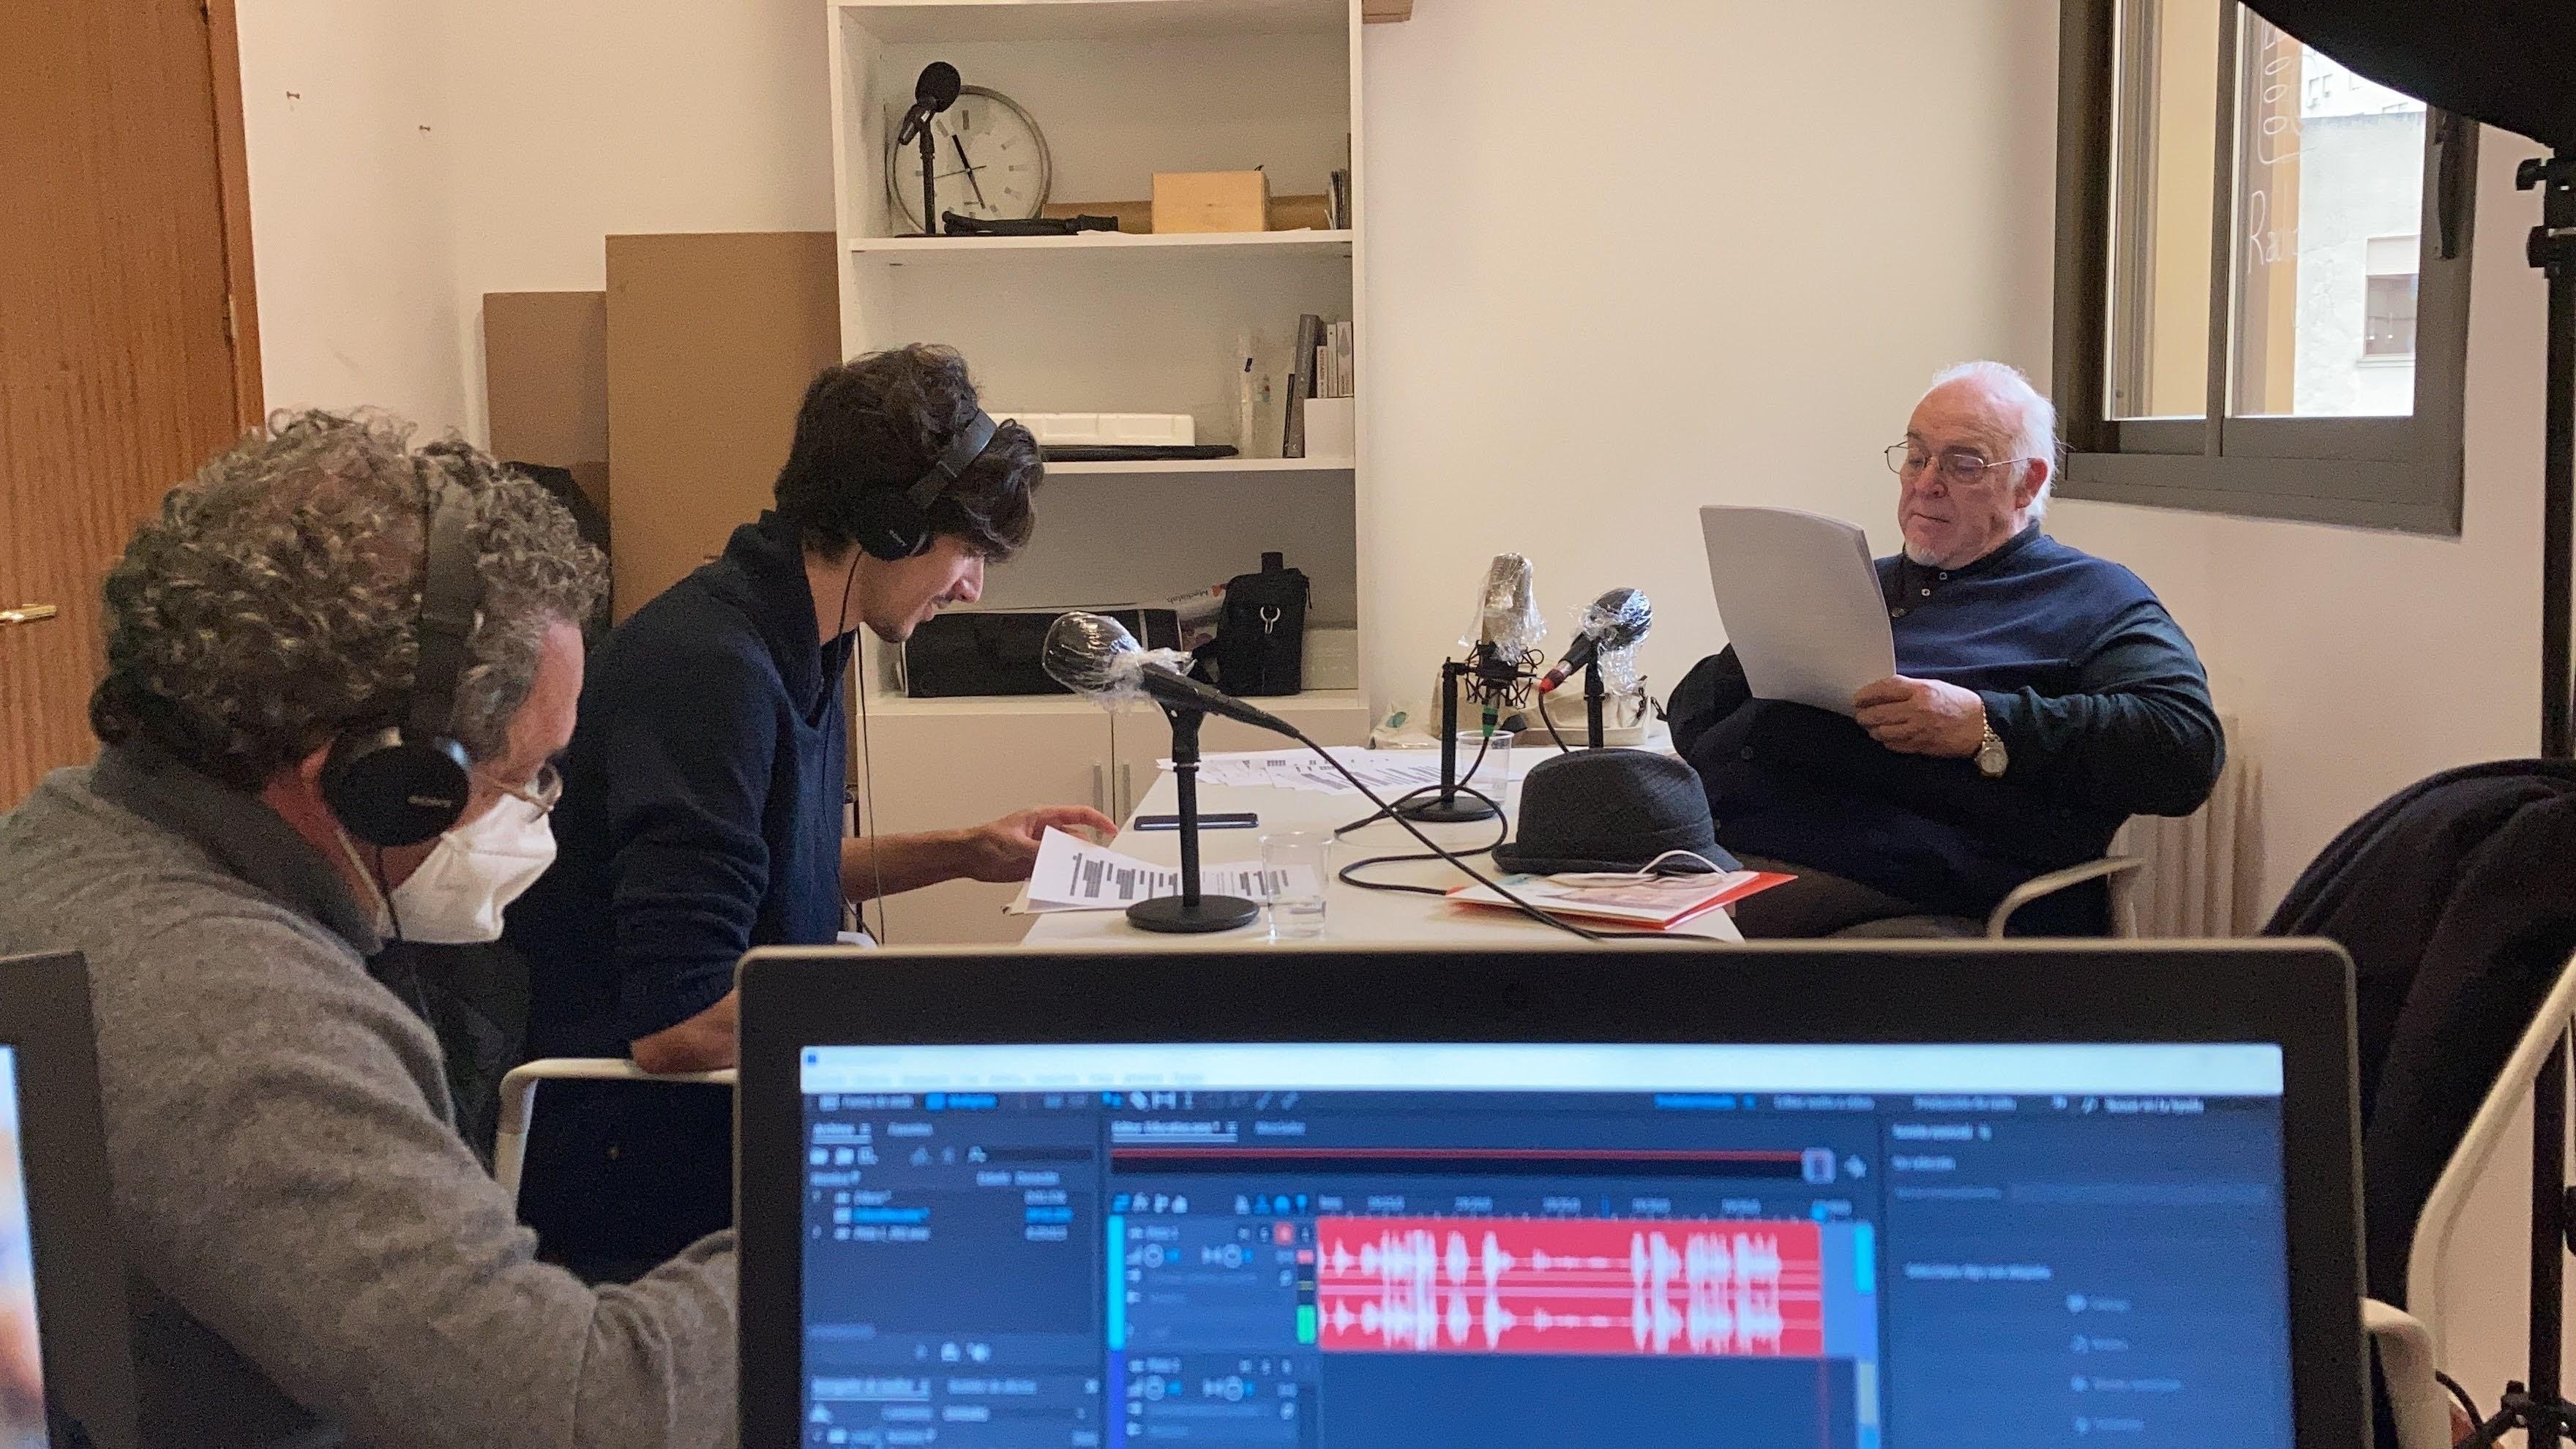 Educa UGR, Radiolab y el Aula de Artes Escénicas ponen en la antena universitaria una lectura dramatizada sobre Calderón de la Barca